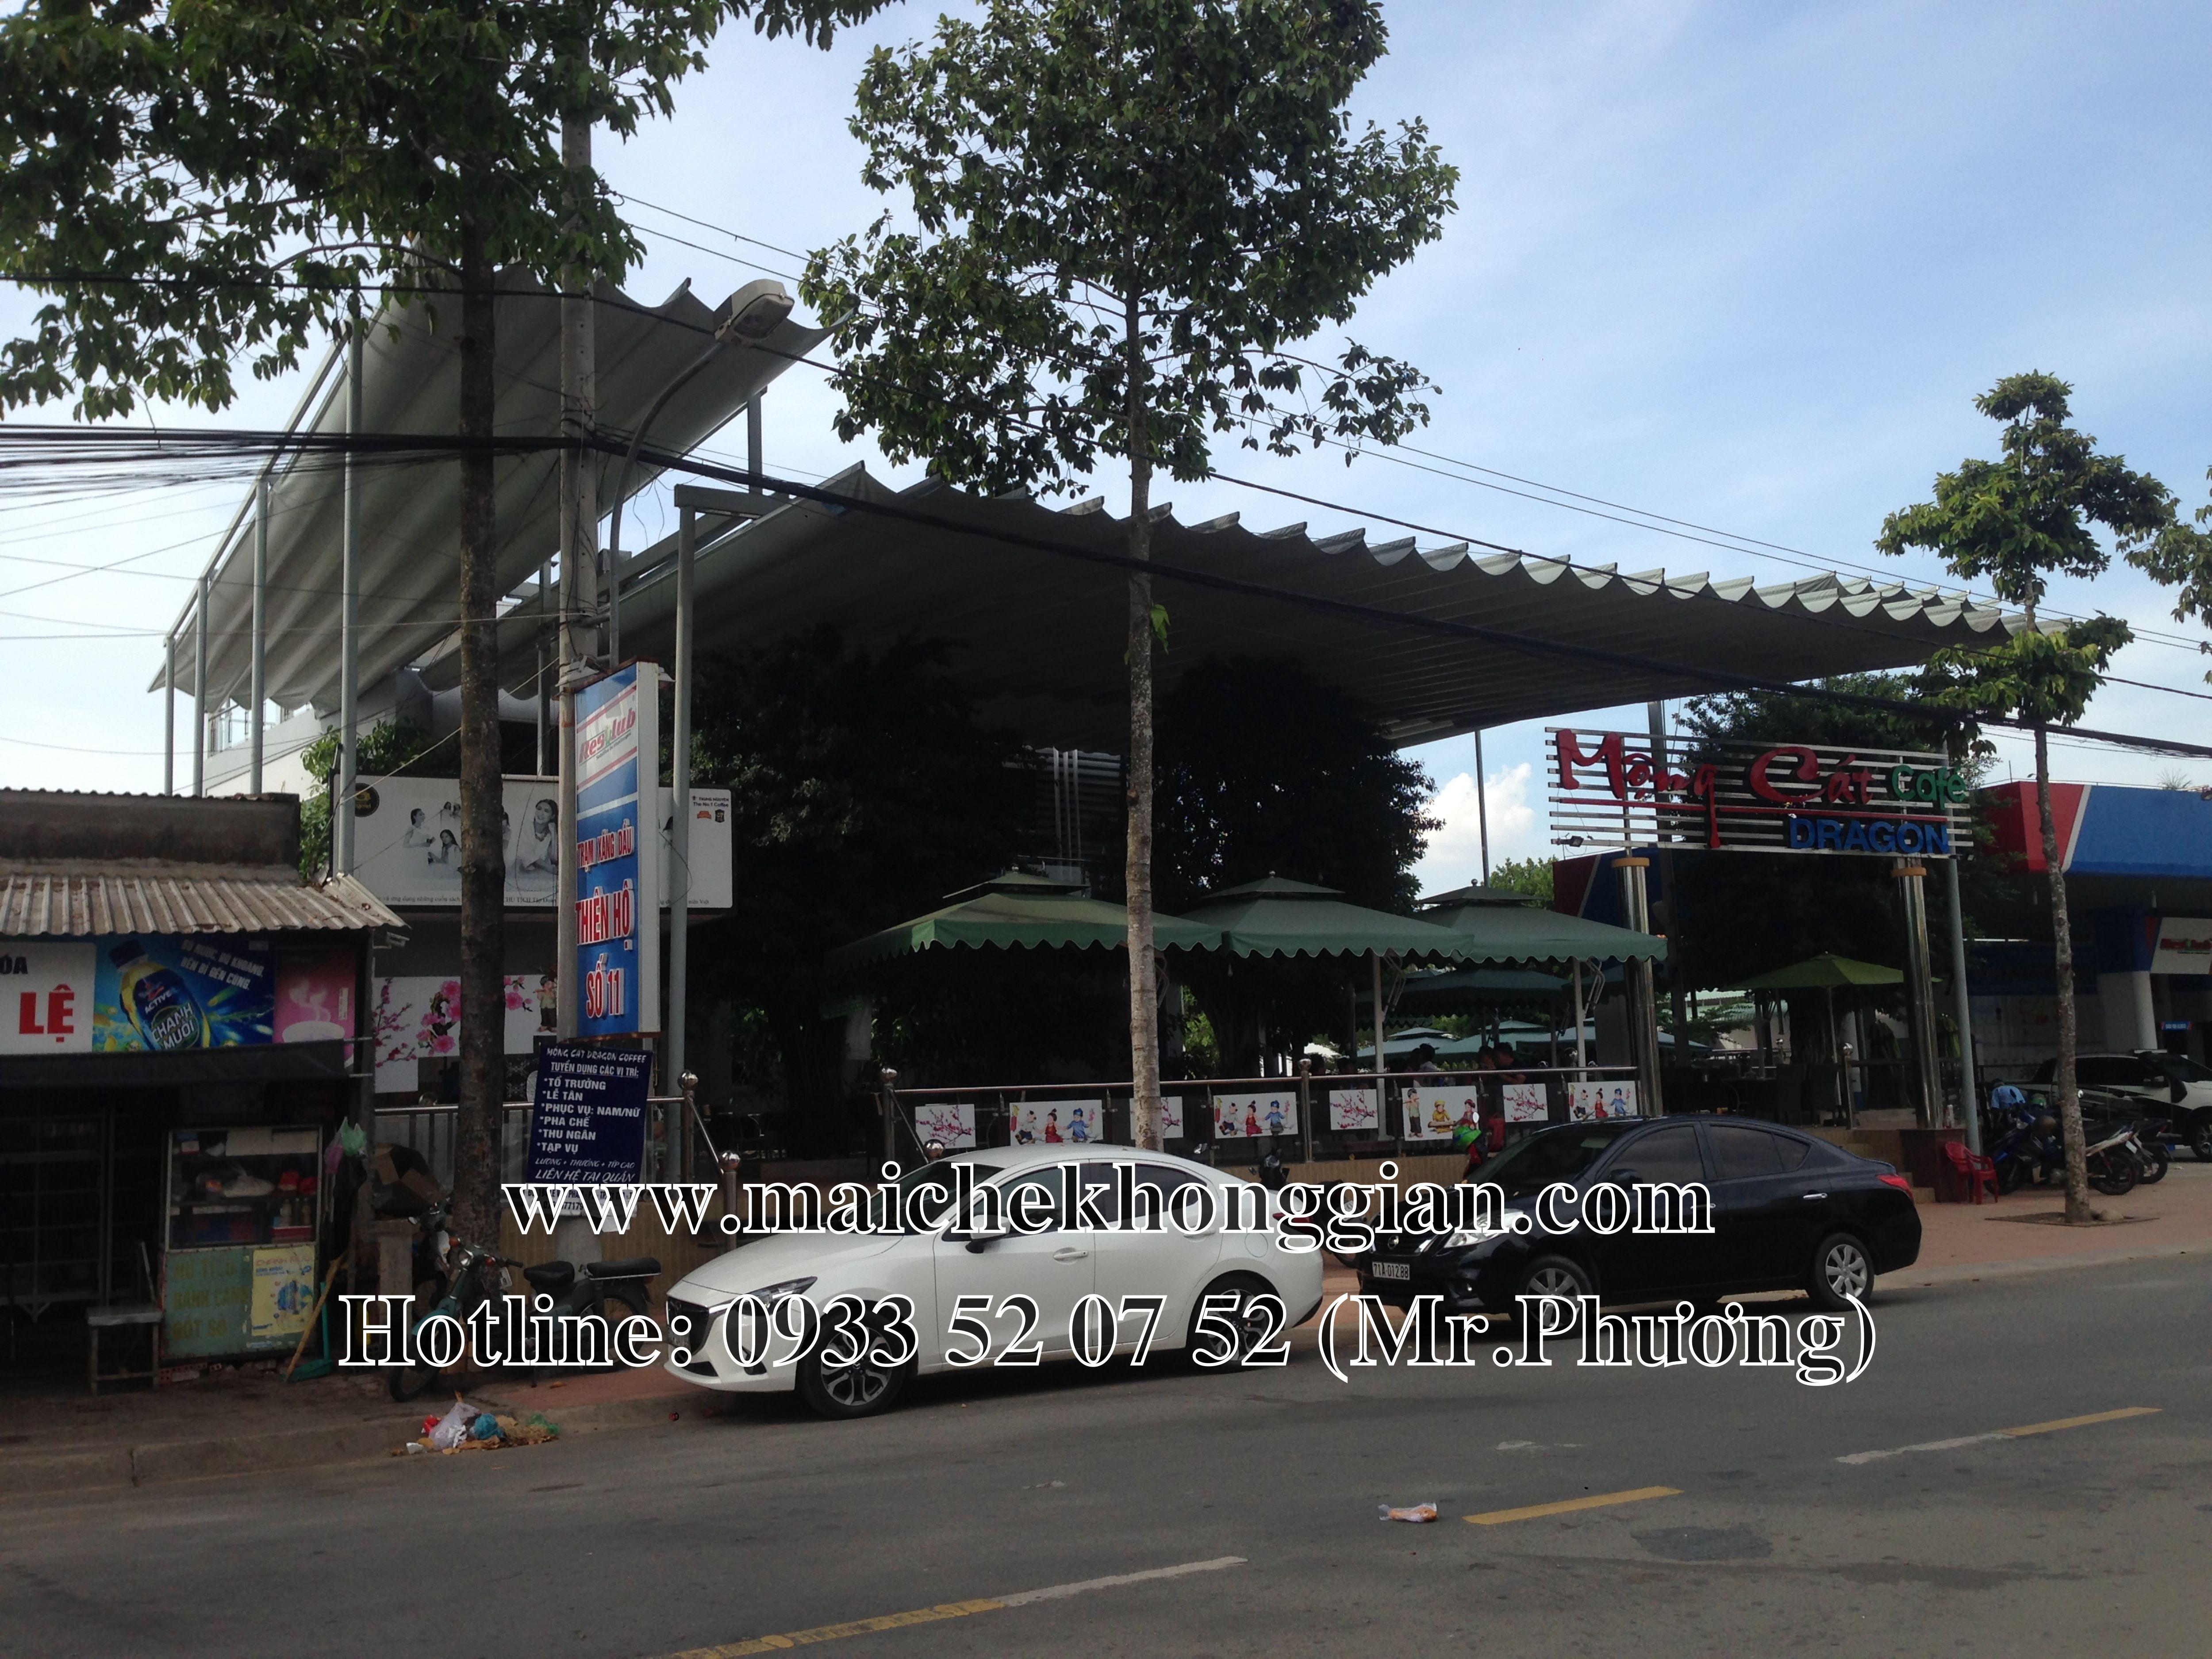 Mái Che Tốt Chợ Gạo Tiền Giang